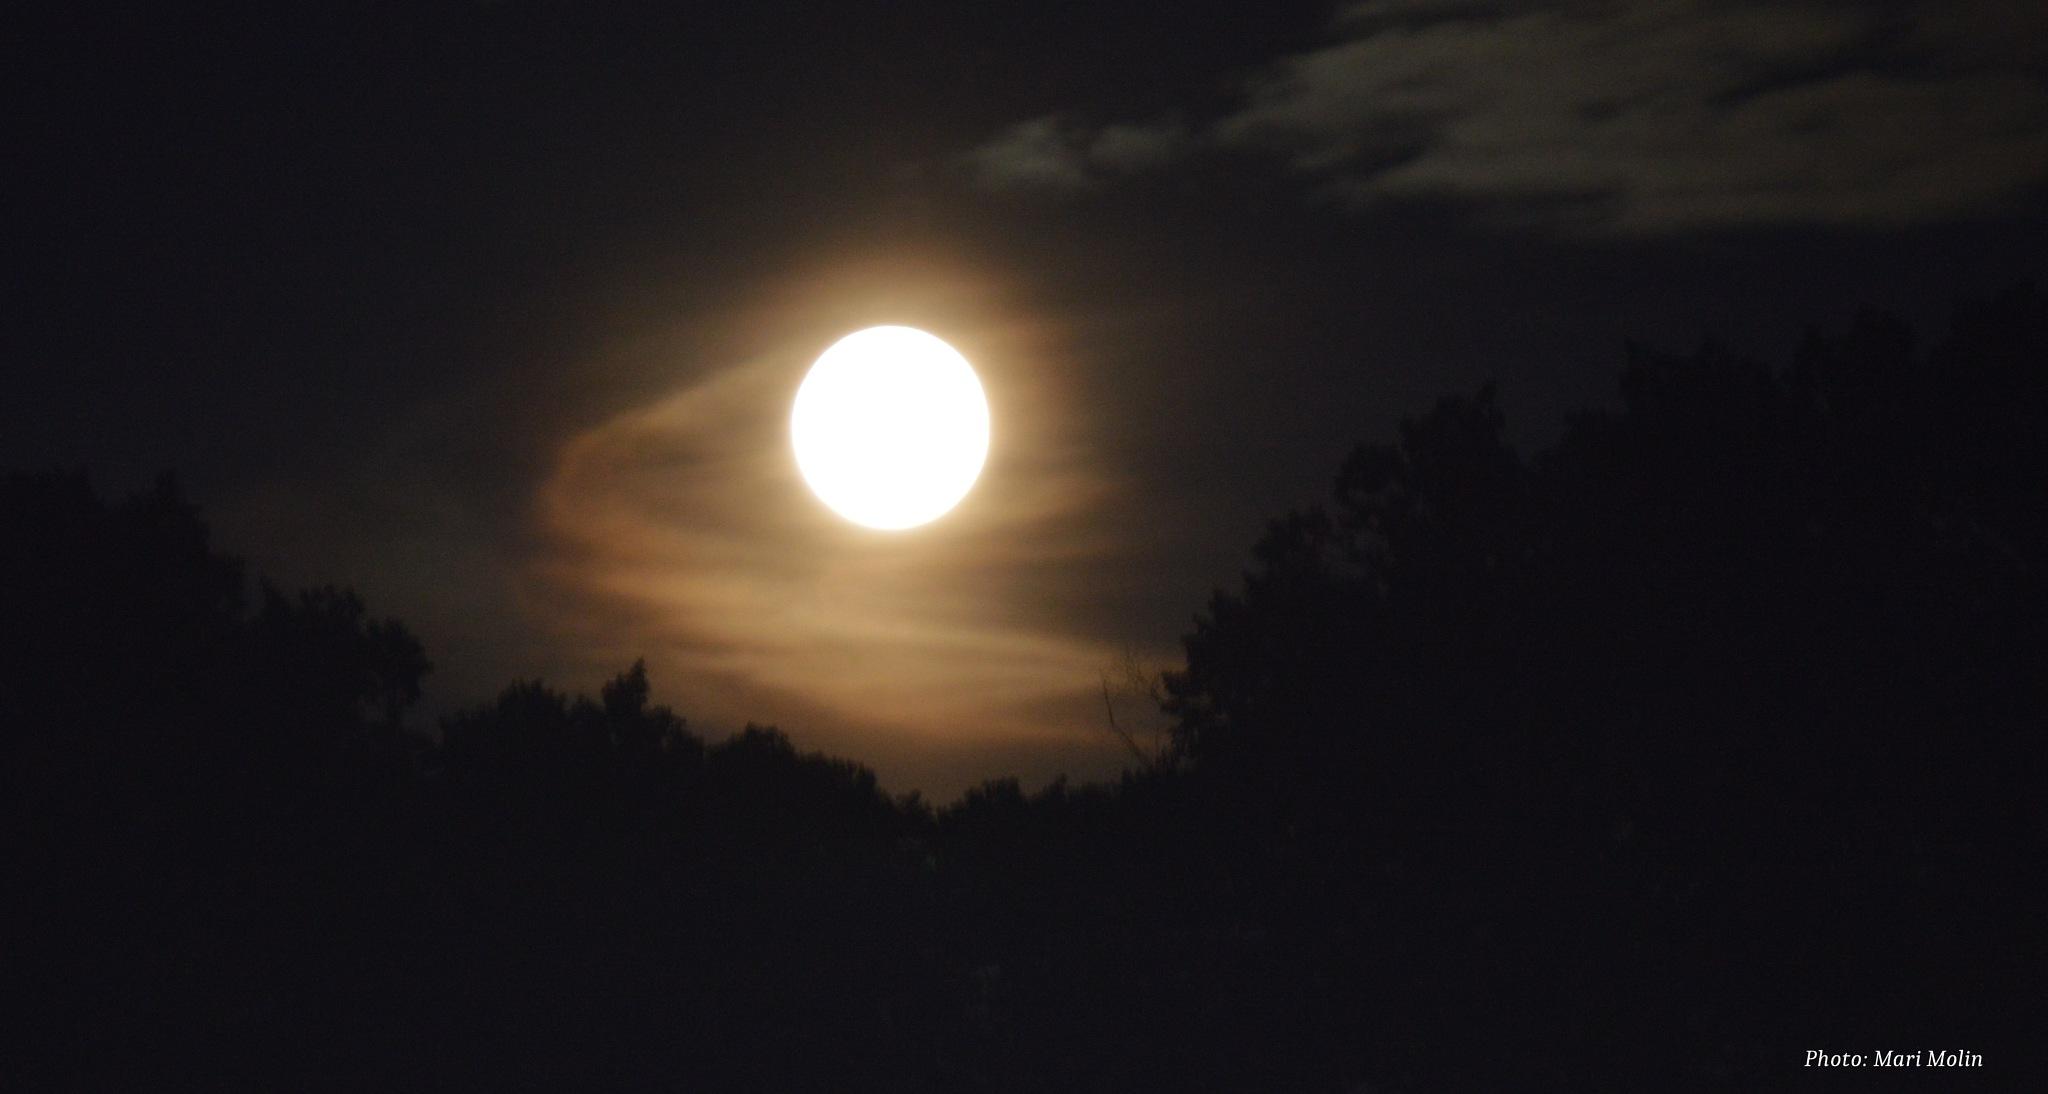 The full moon by Mari Molin